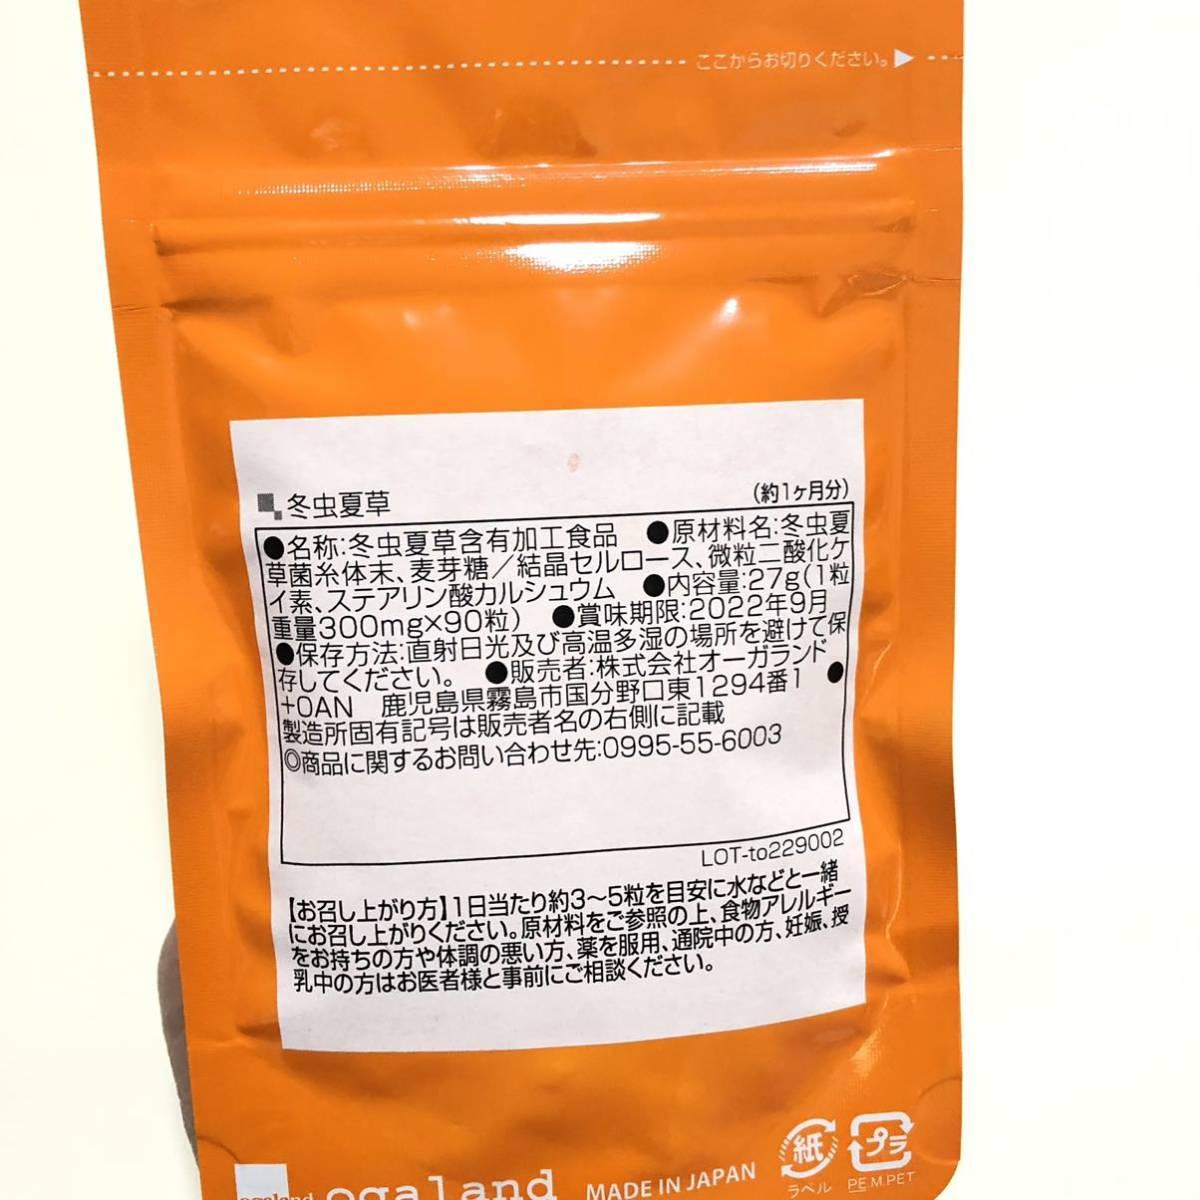 新品 冬虫花草 オーガランド 約1ヶ月 アミノ酸 ミネラル サプリメント キトサン 美容 健康 サプリ ビタミン クーポン ポイント_画像2